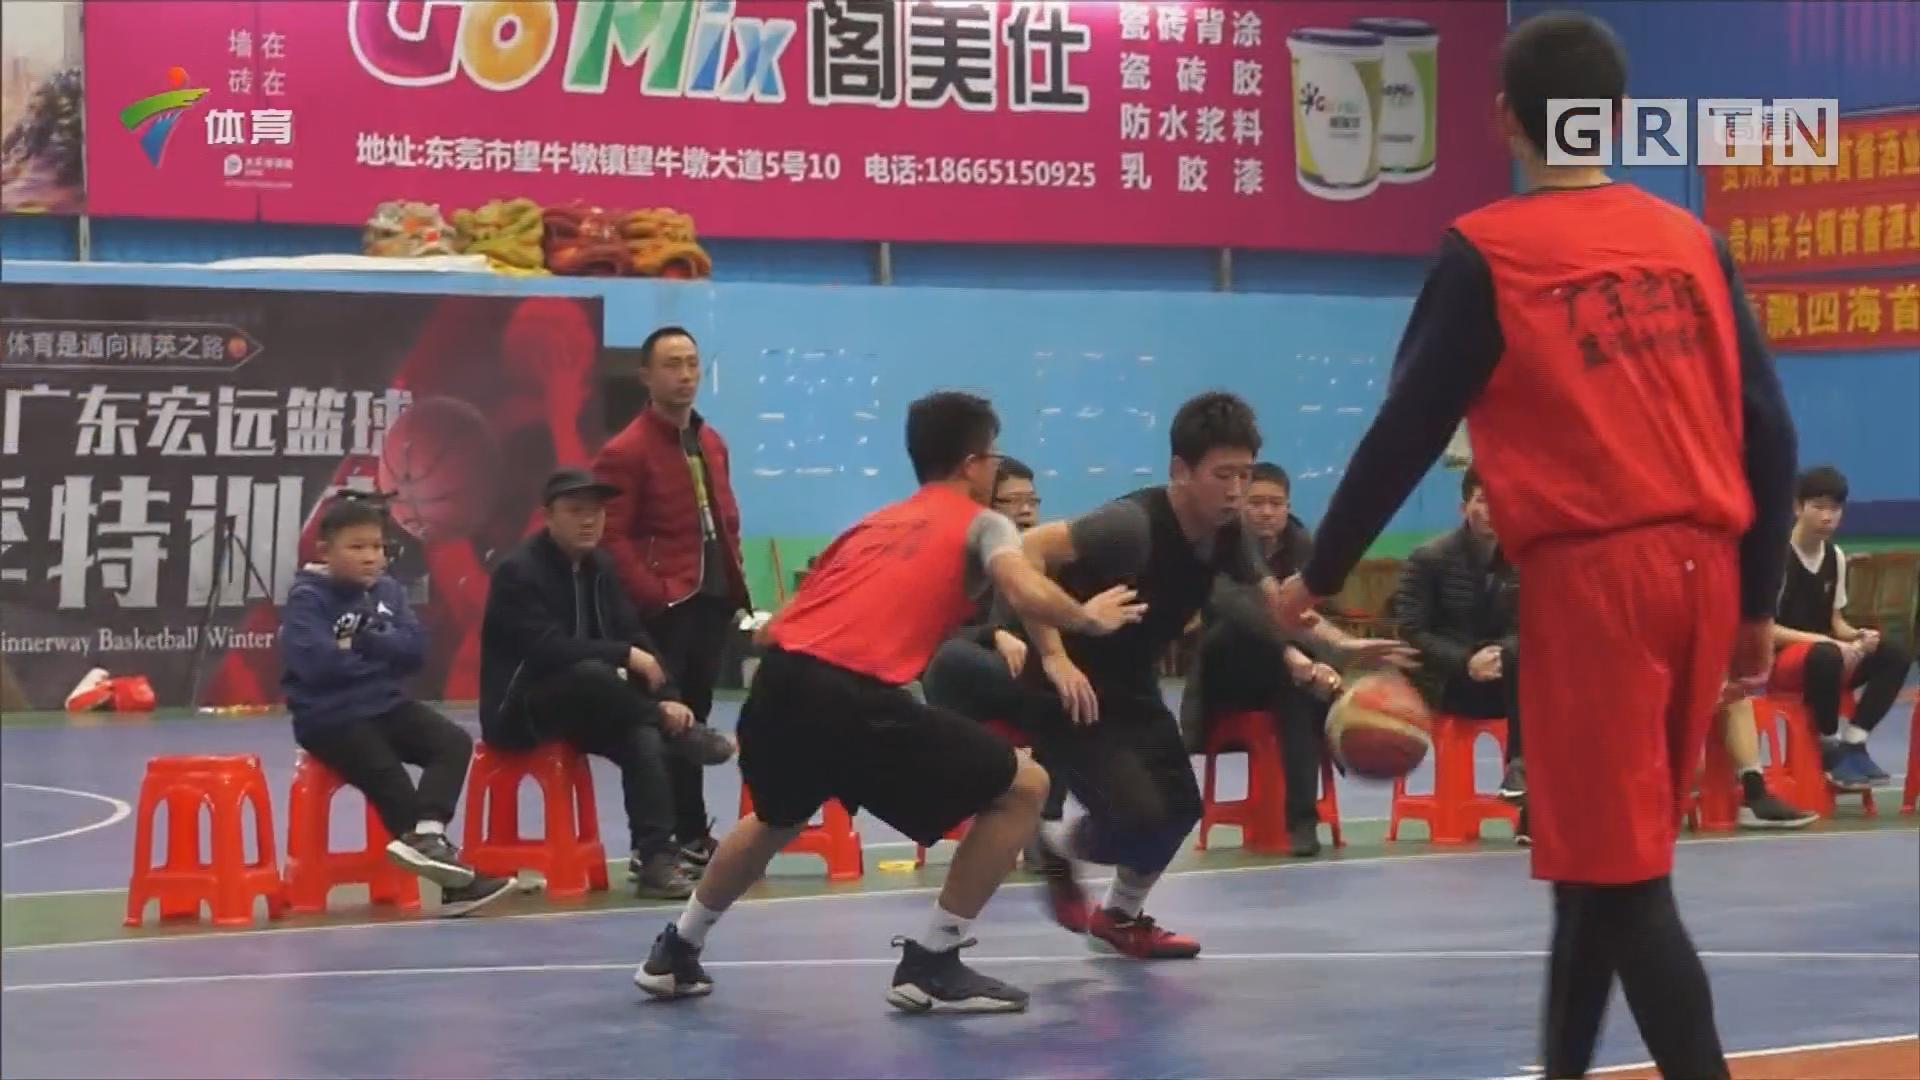 广东宏远篮球冬令营闭营